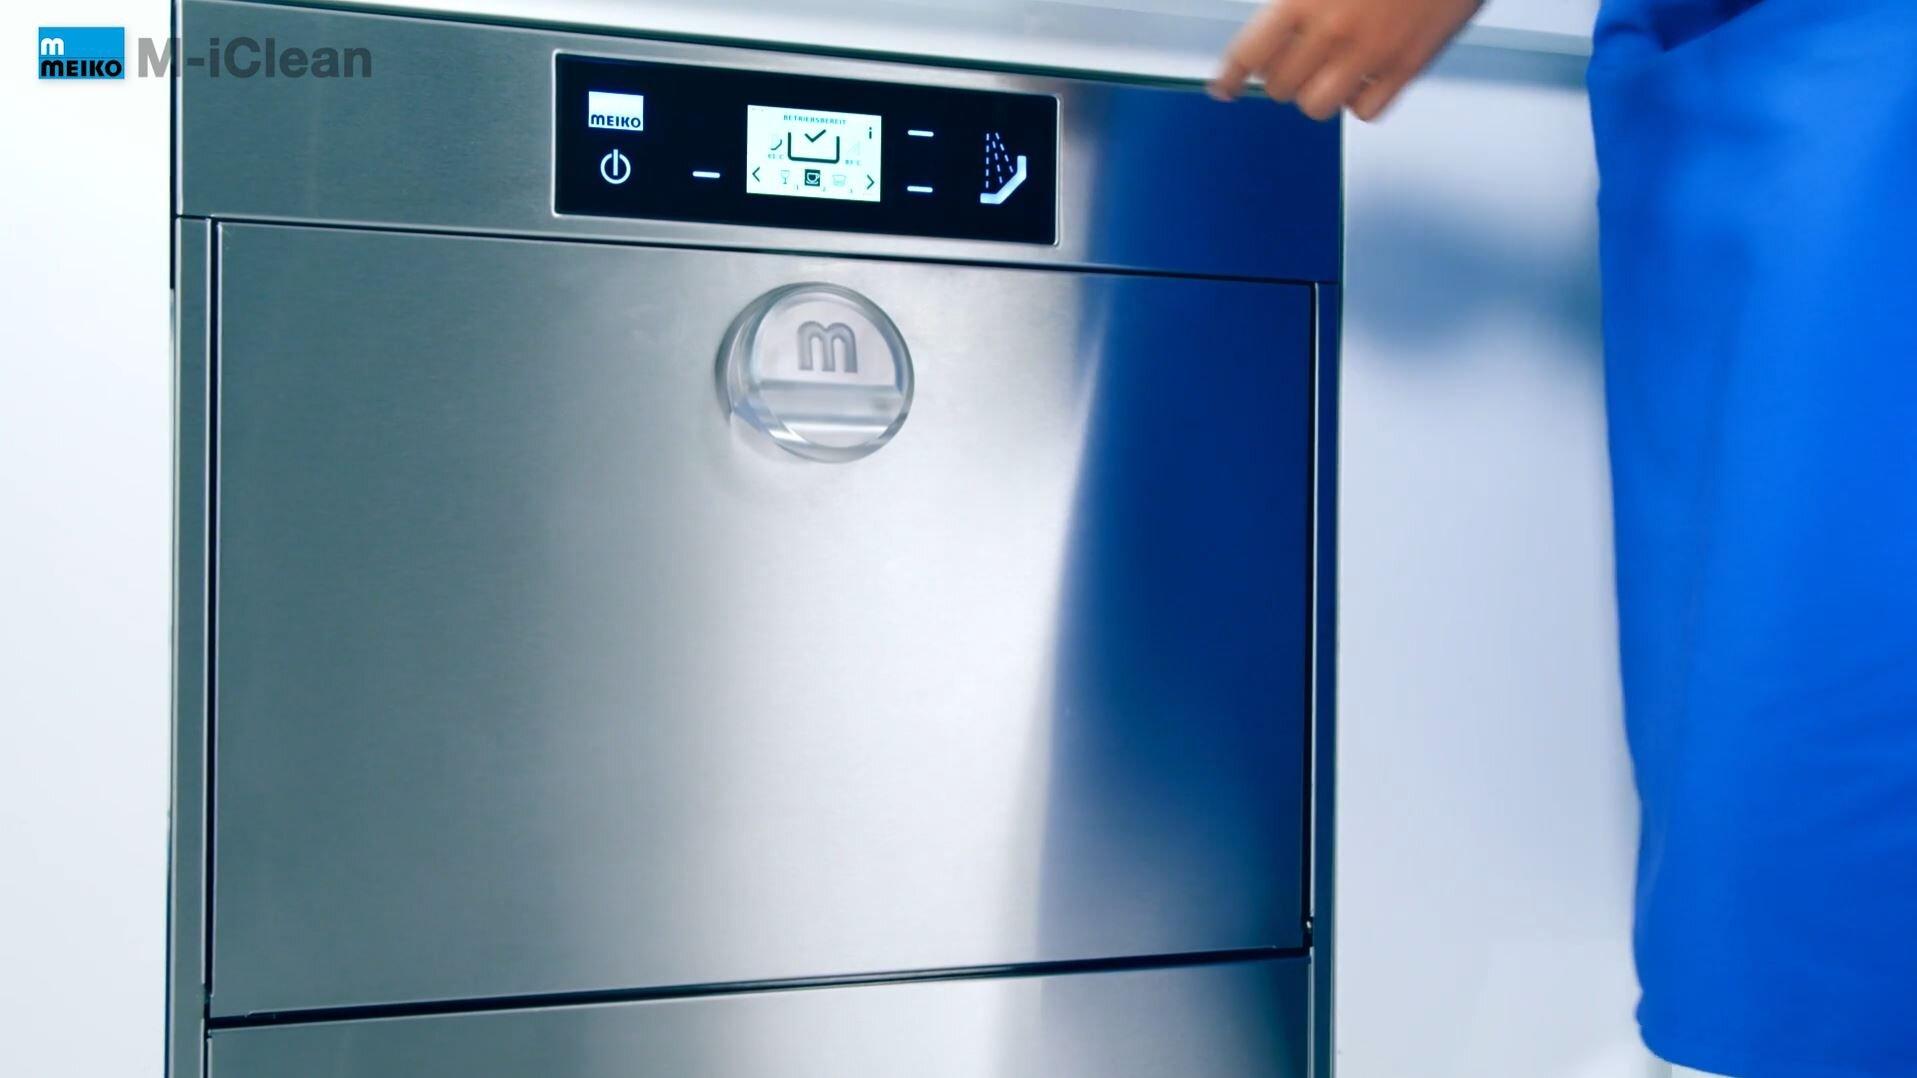 die innovative Untertischspülmaschine M-iClean